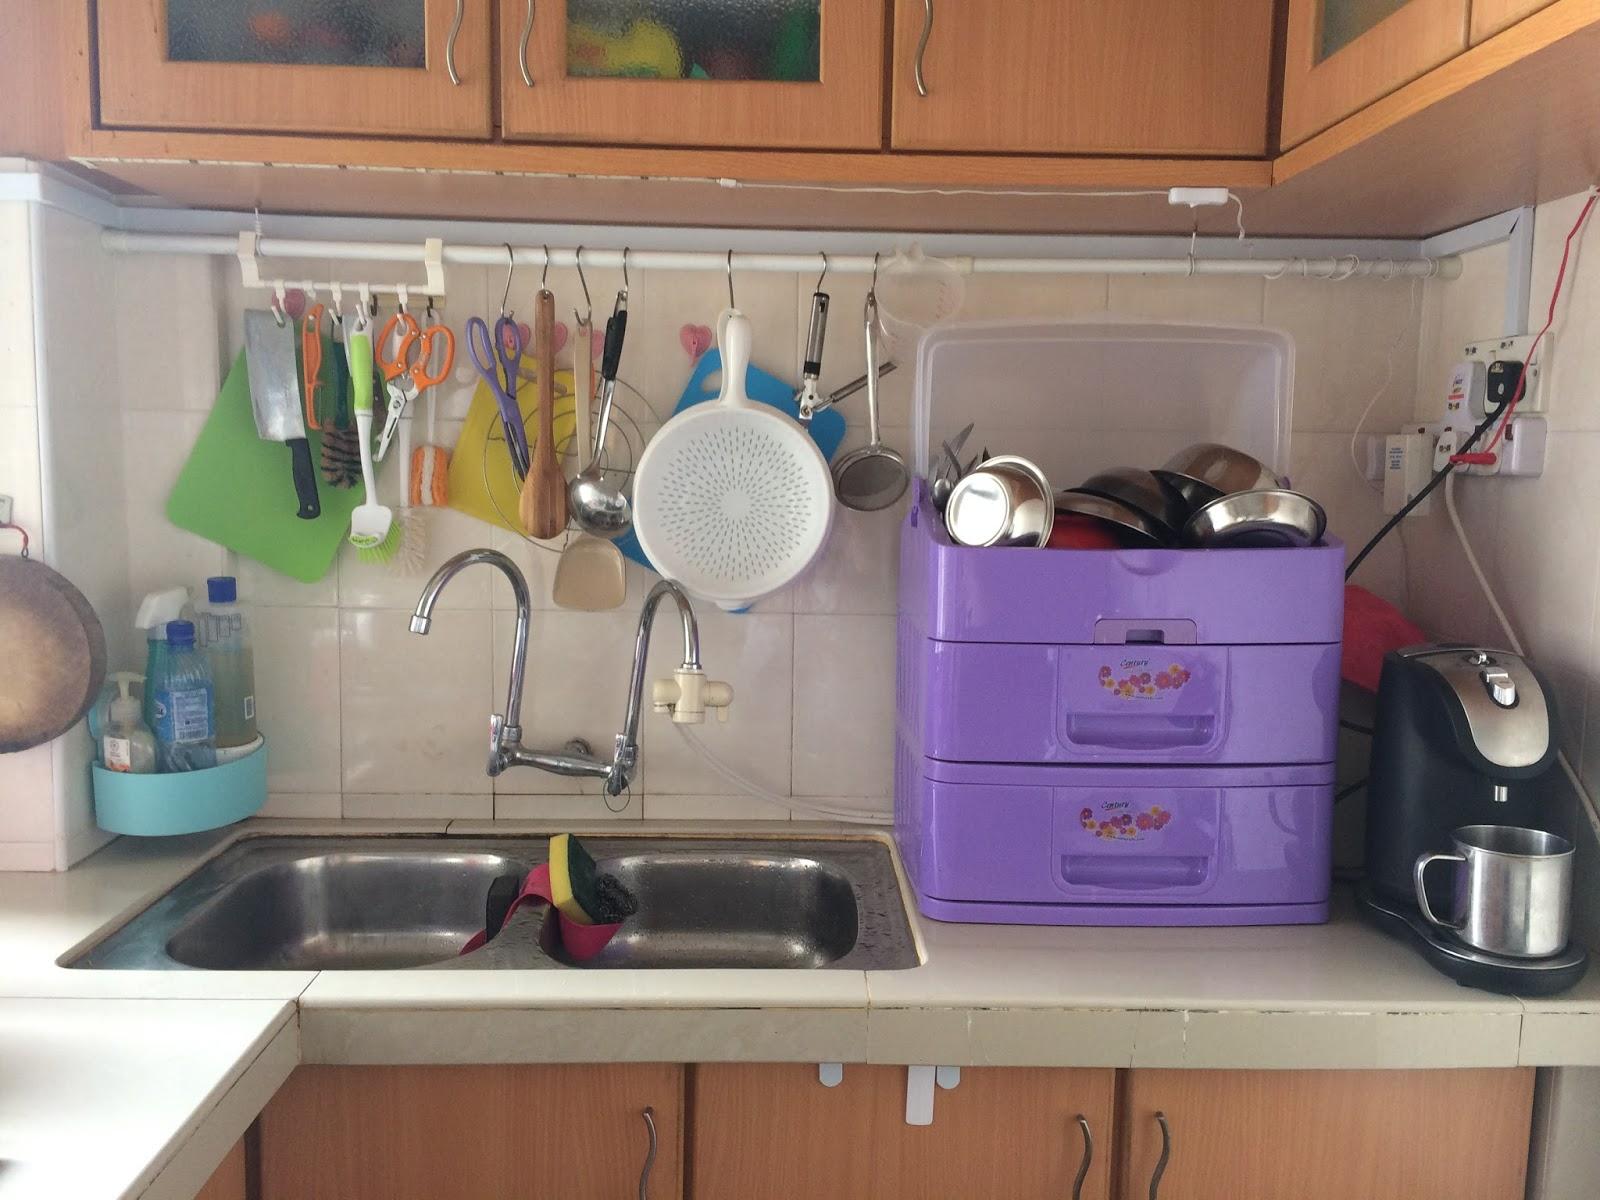 speed racks for kitchen quartz countertops 吉事多整理justdo organize 厨房整理 果敢丢弃晾碗架 客户要求 想要厨房容易清洁 做菜可以更方便些 整理困难 厨房显得很小 尤其晾碗架占了很大的地方 整理原则 方便清洁为主